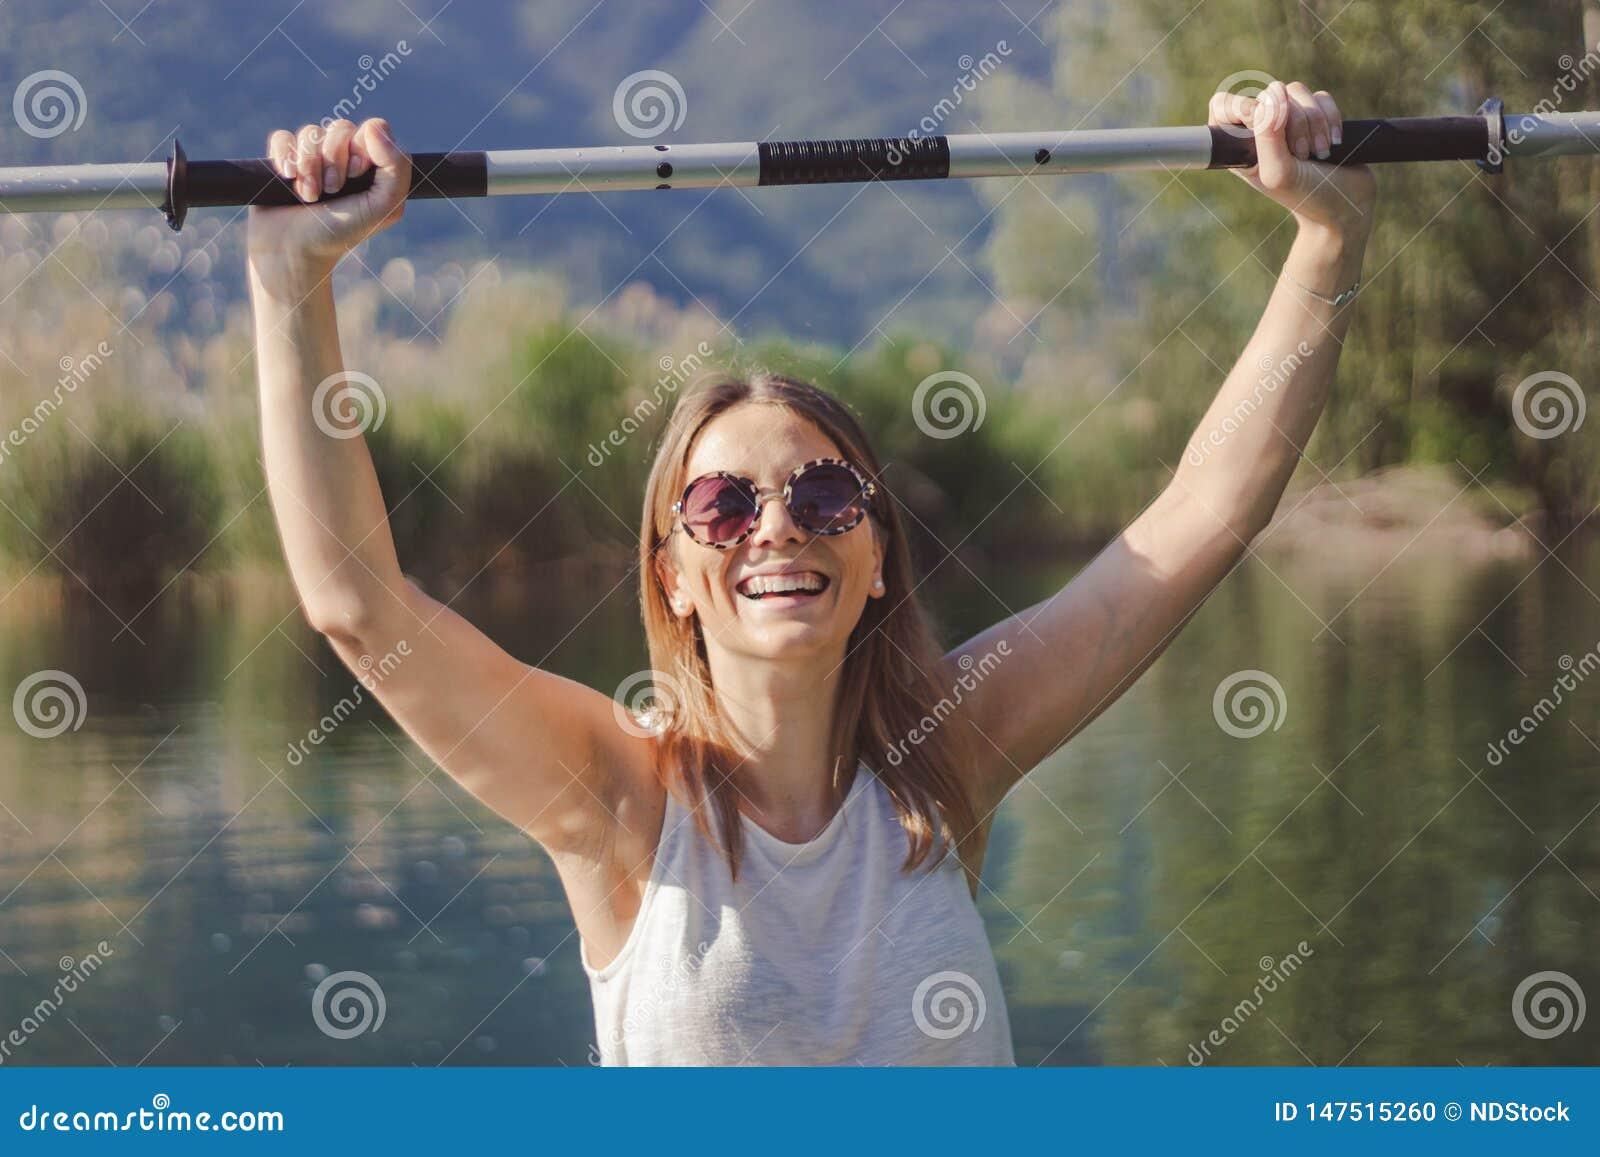 Молодая женщина сплавляясь на каяке на озере